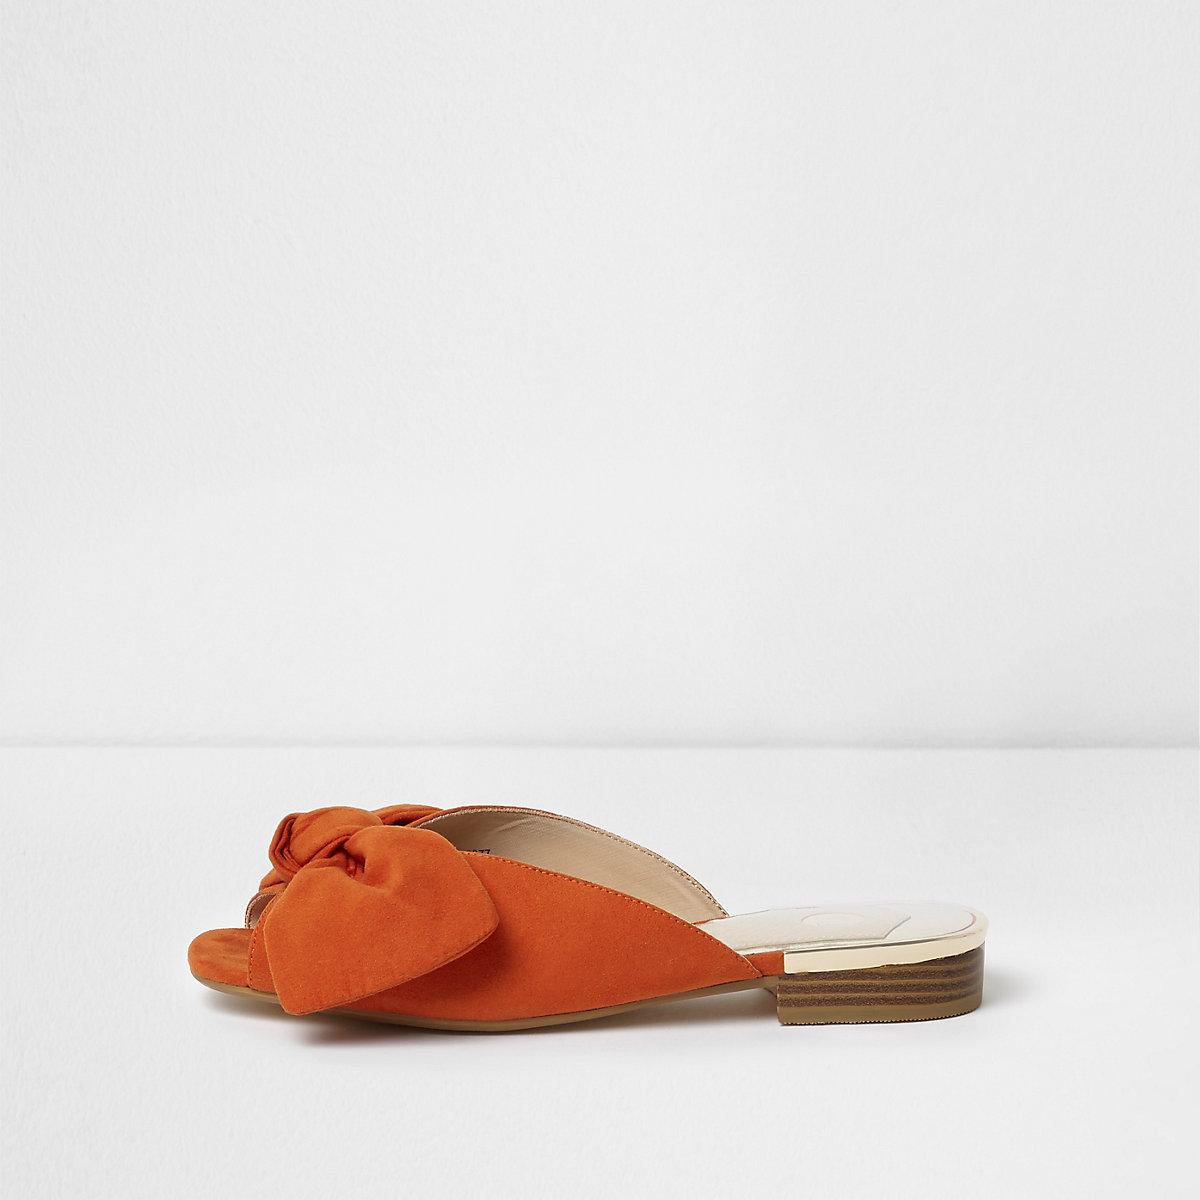 712d78c93 Orange bow mules - Sandals - Shoes   Boots - women